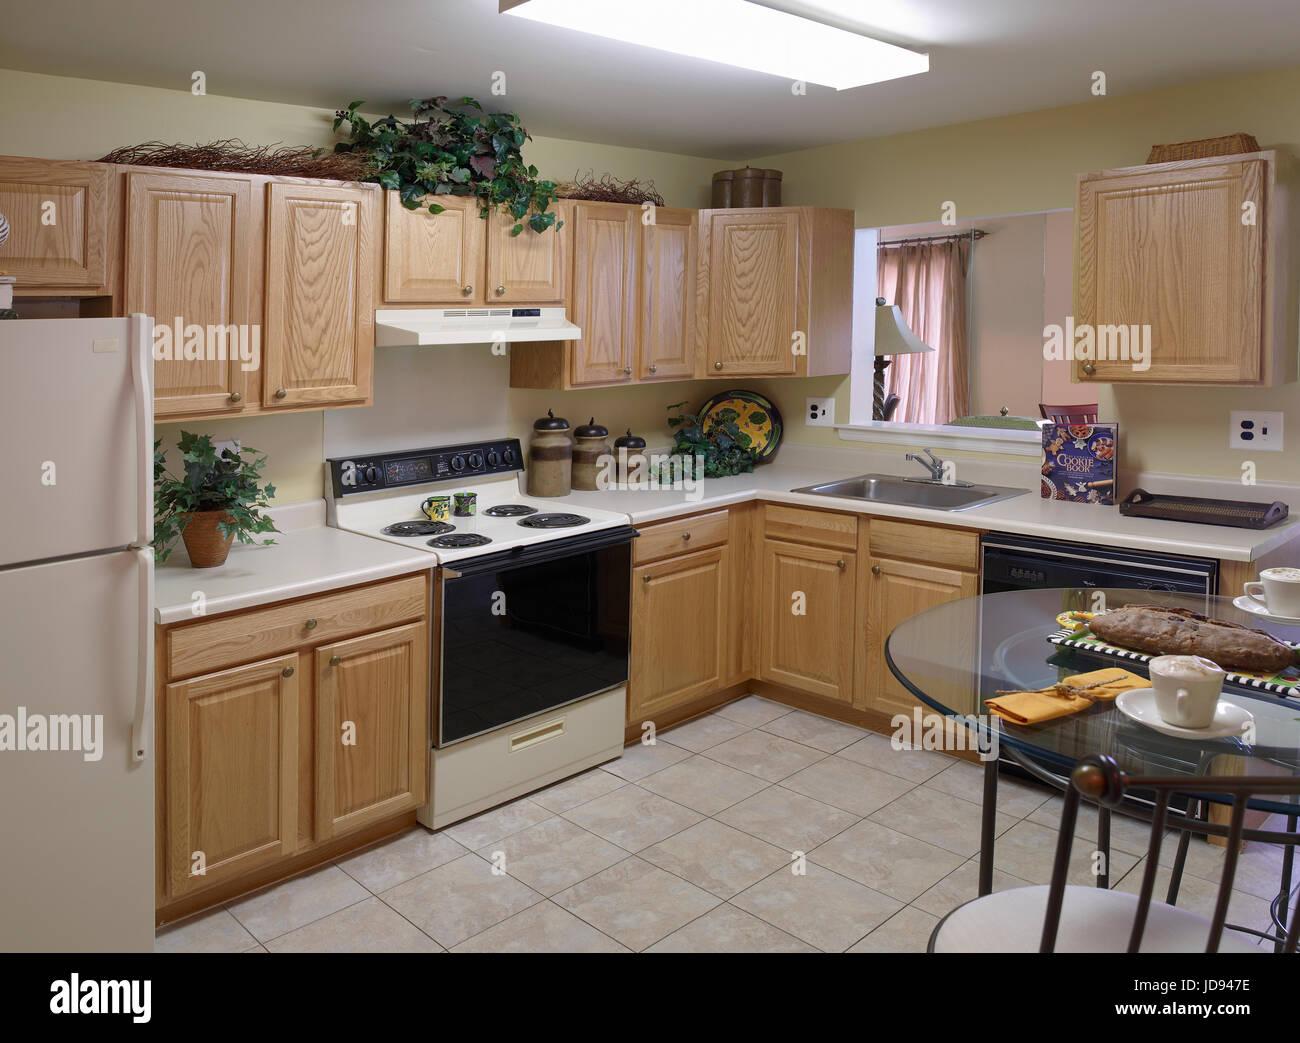 Cucina interno Immagini Stock